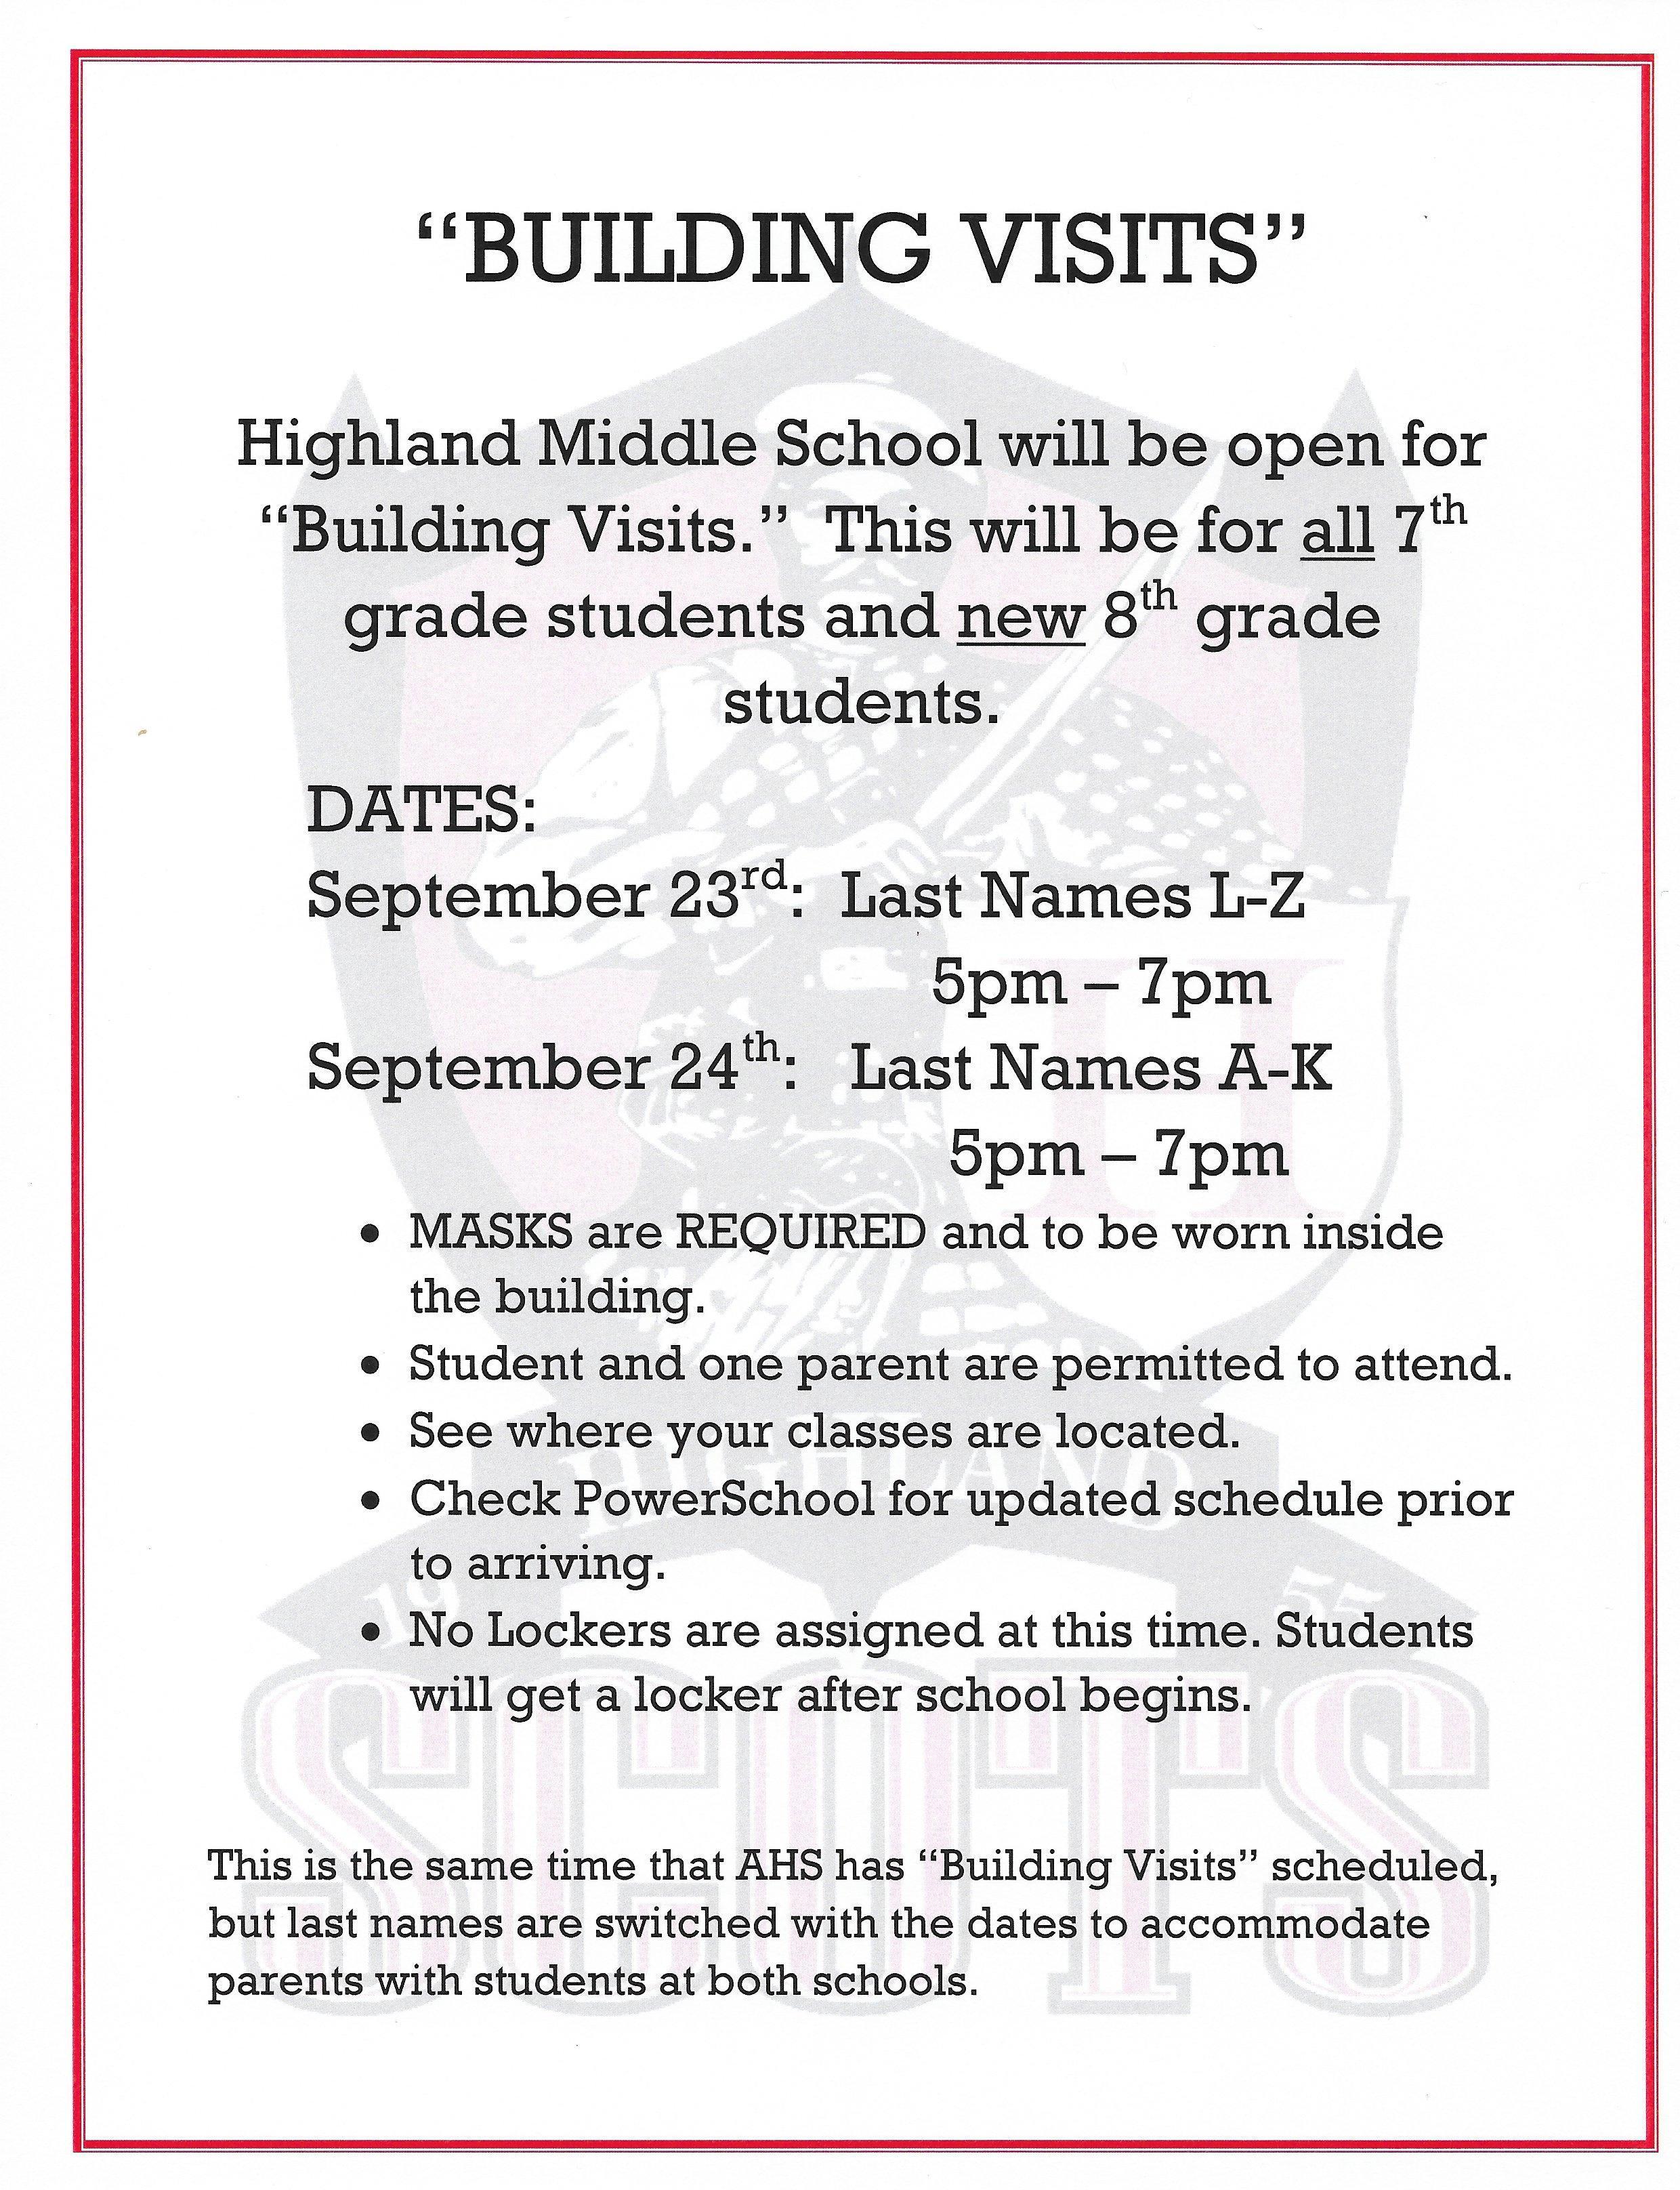 HMS Building Visits